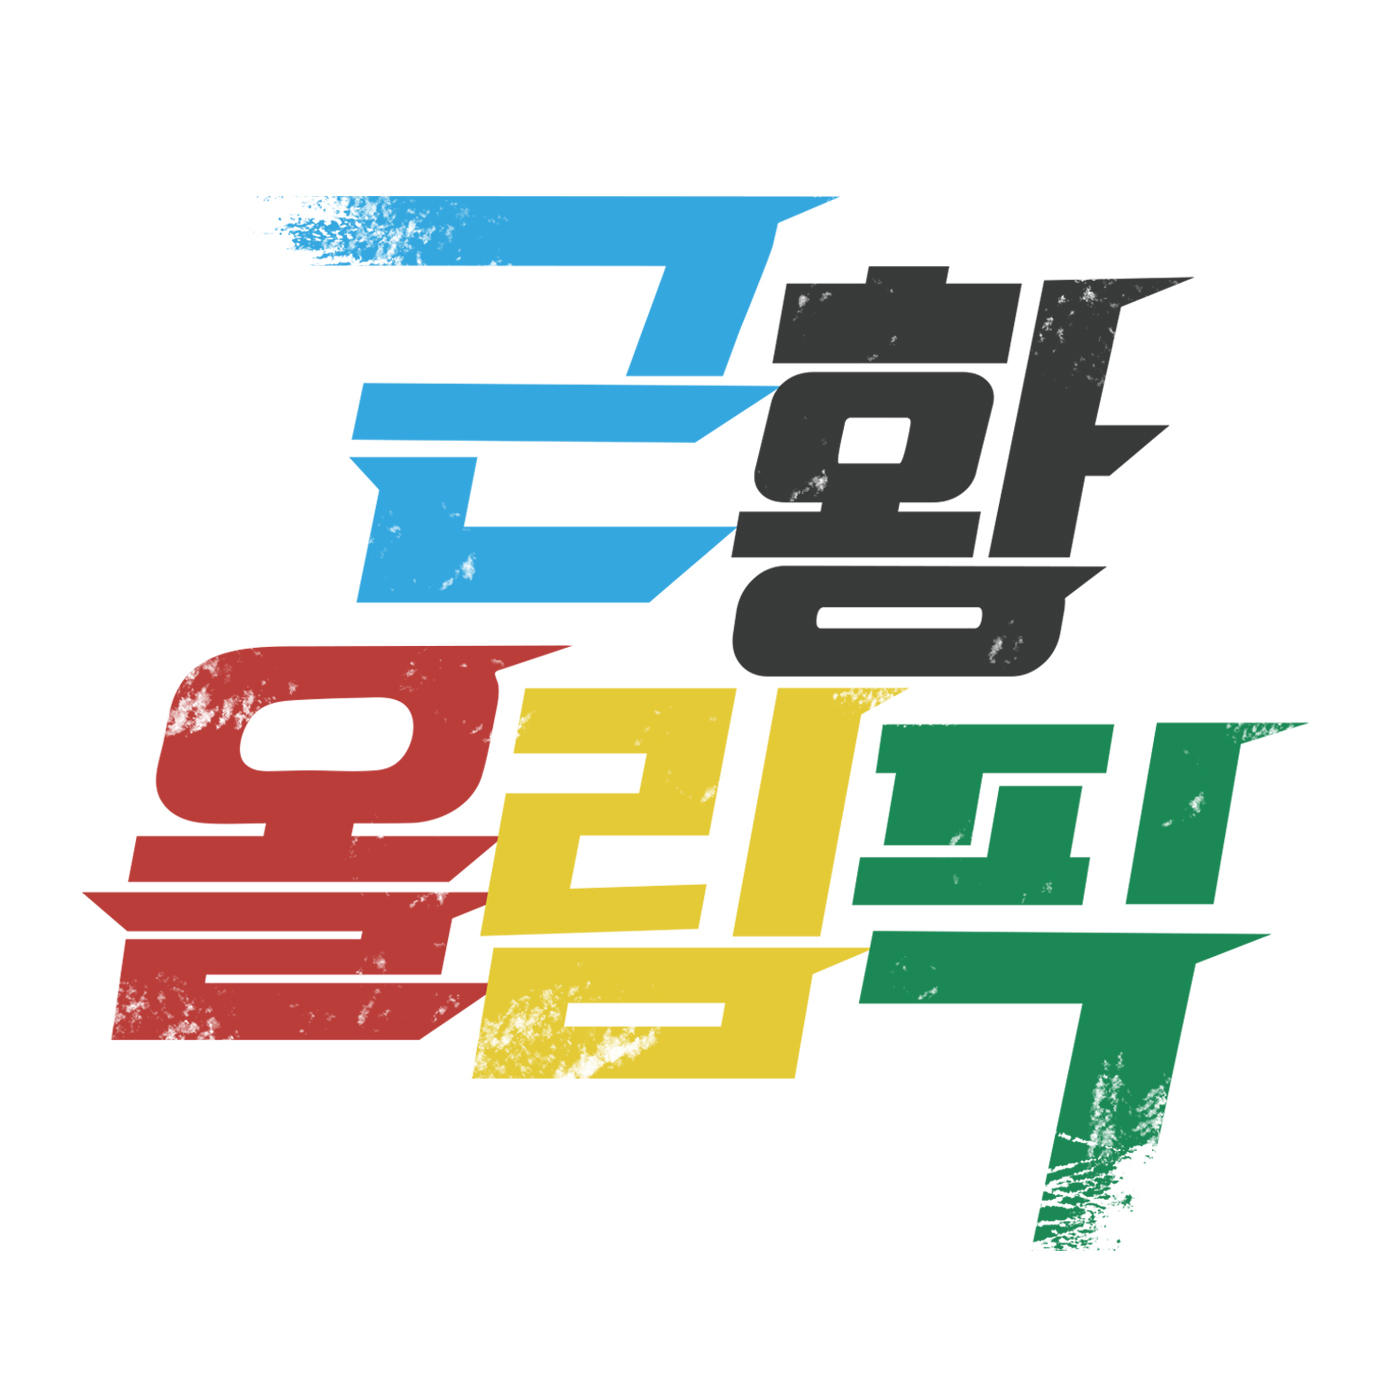 근황올림픽